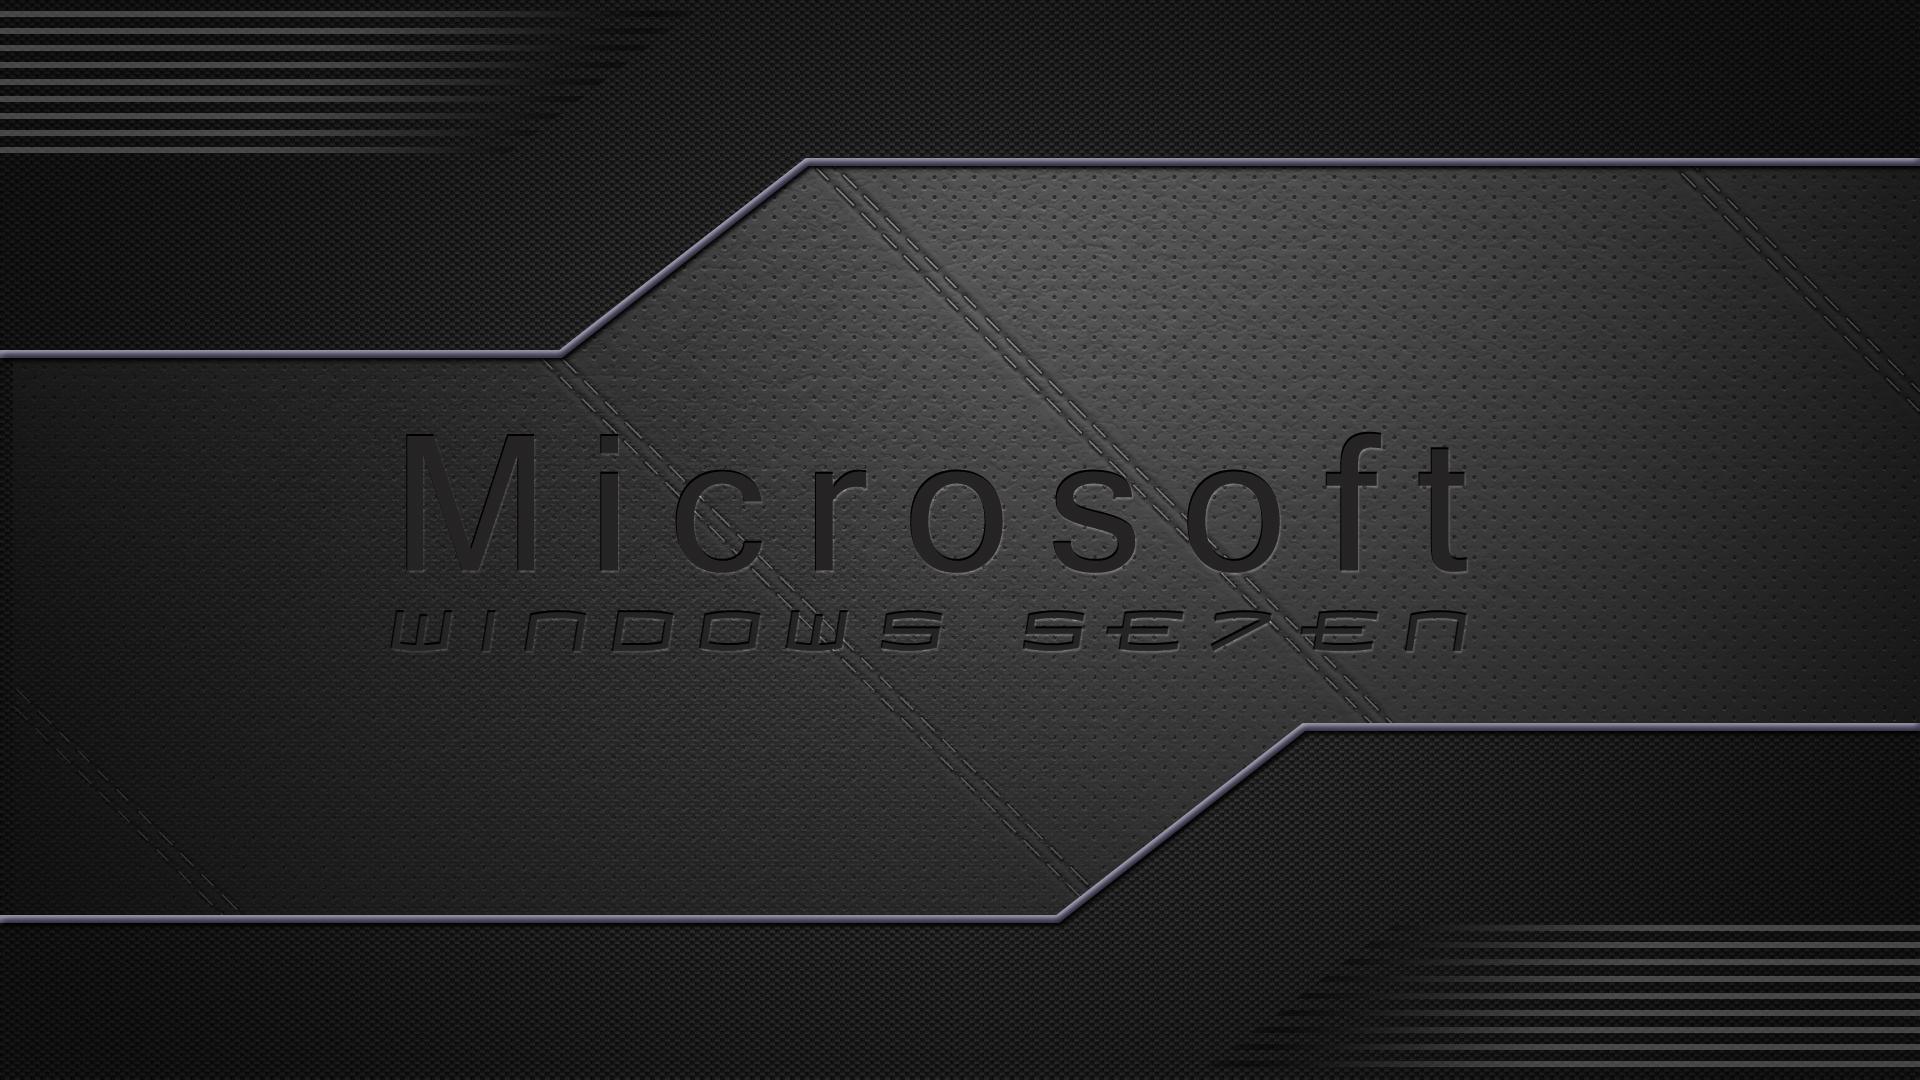 Microsoft Wallpapers 1920x1080p Wallpapersafari